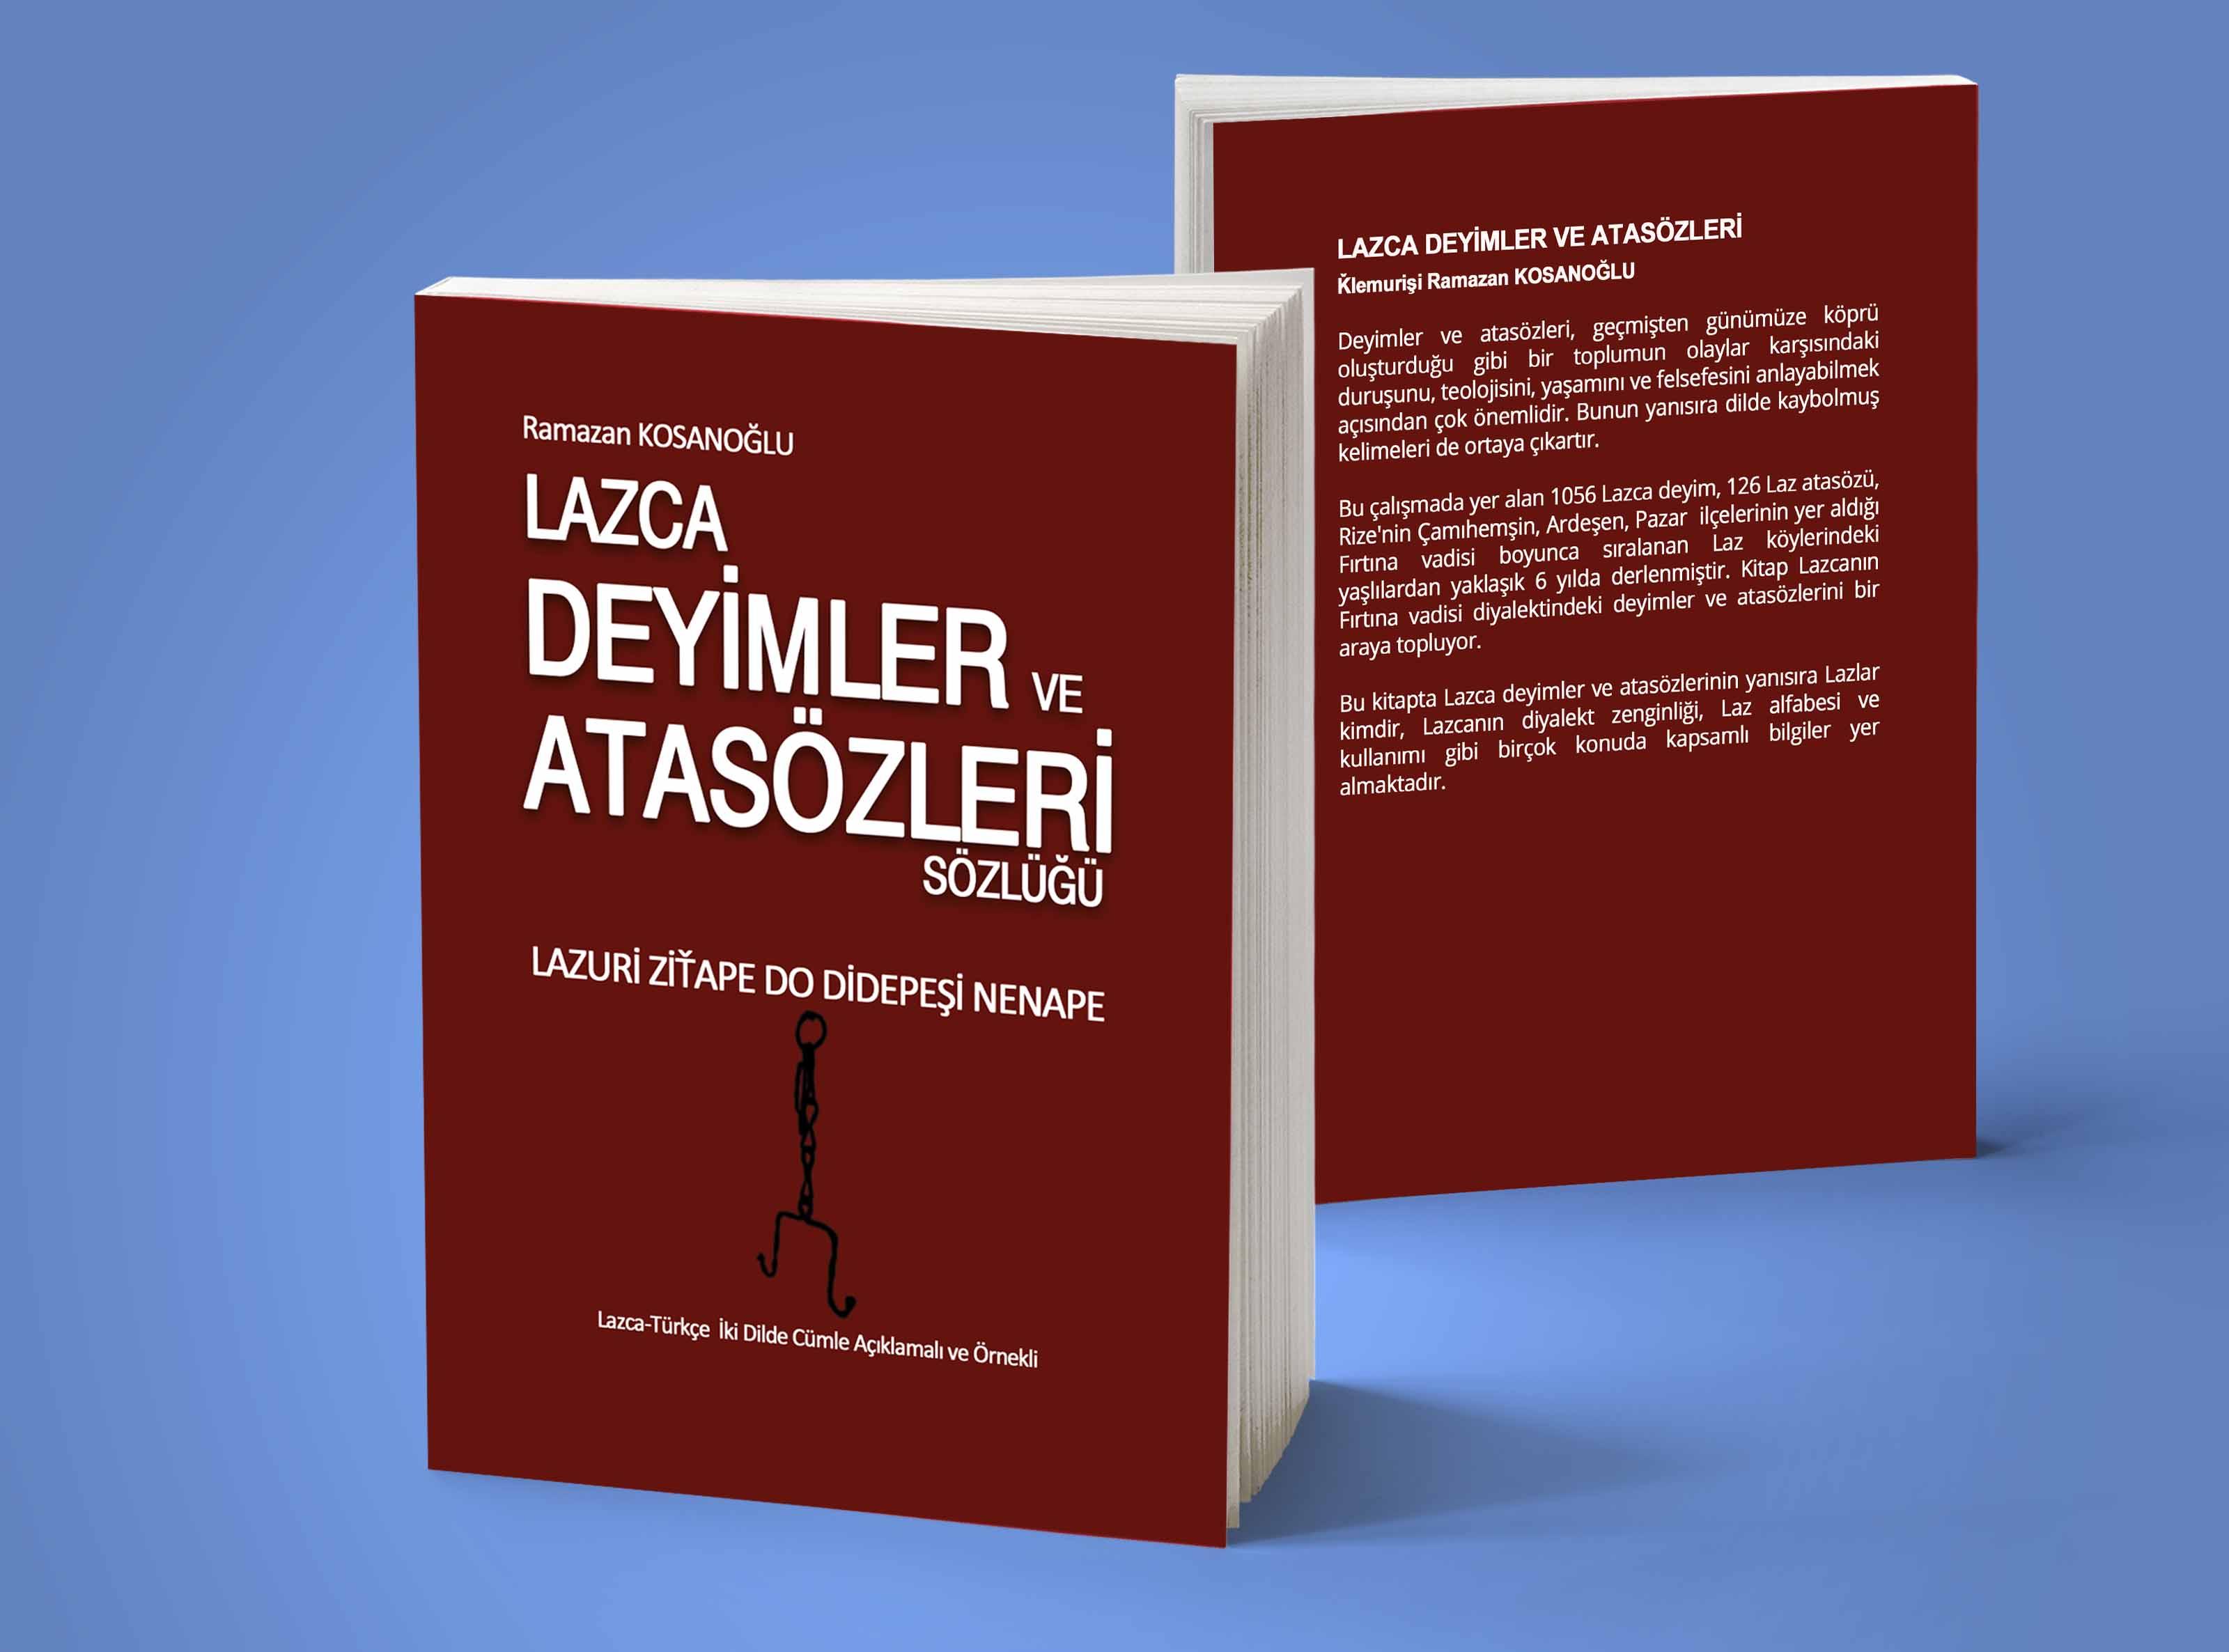 Lazca deyimler ve atasözleri sözlüğü kitap satış noktaları